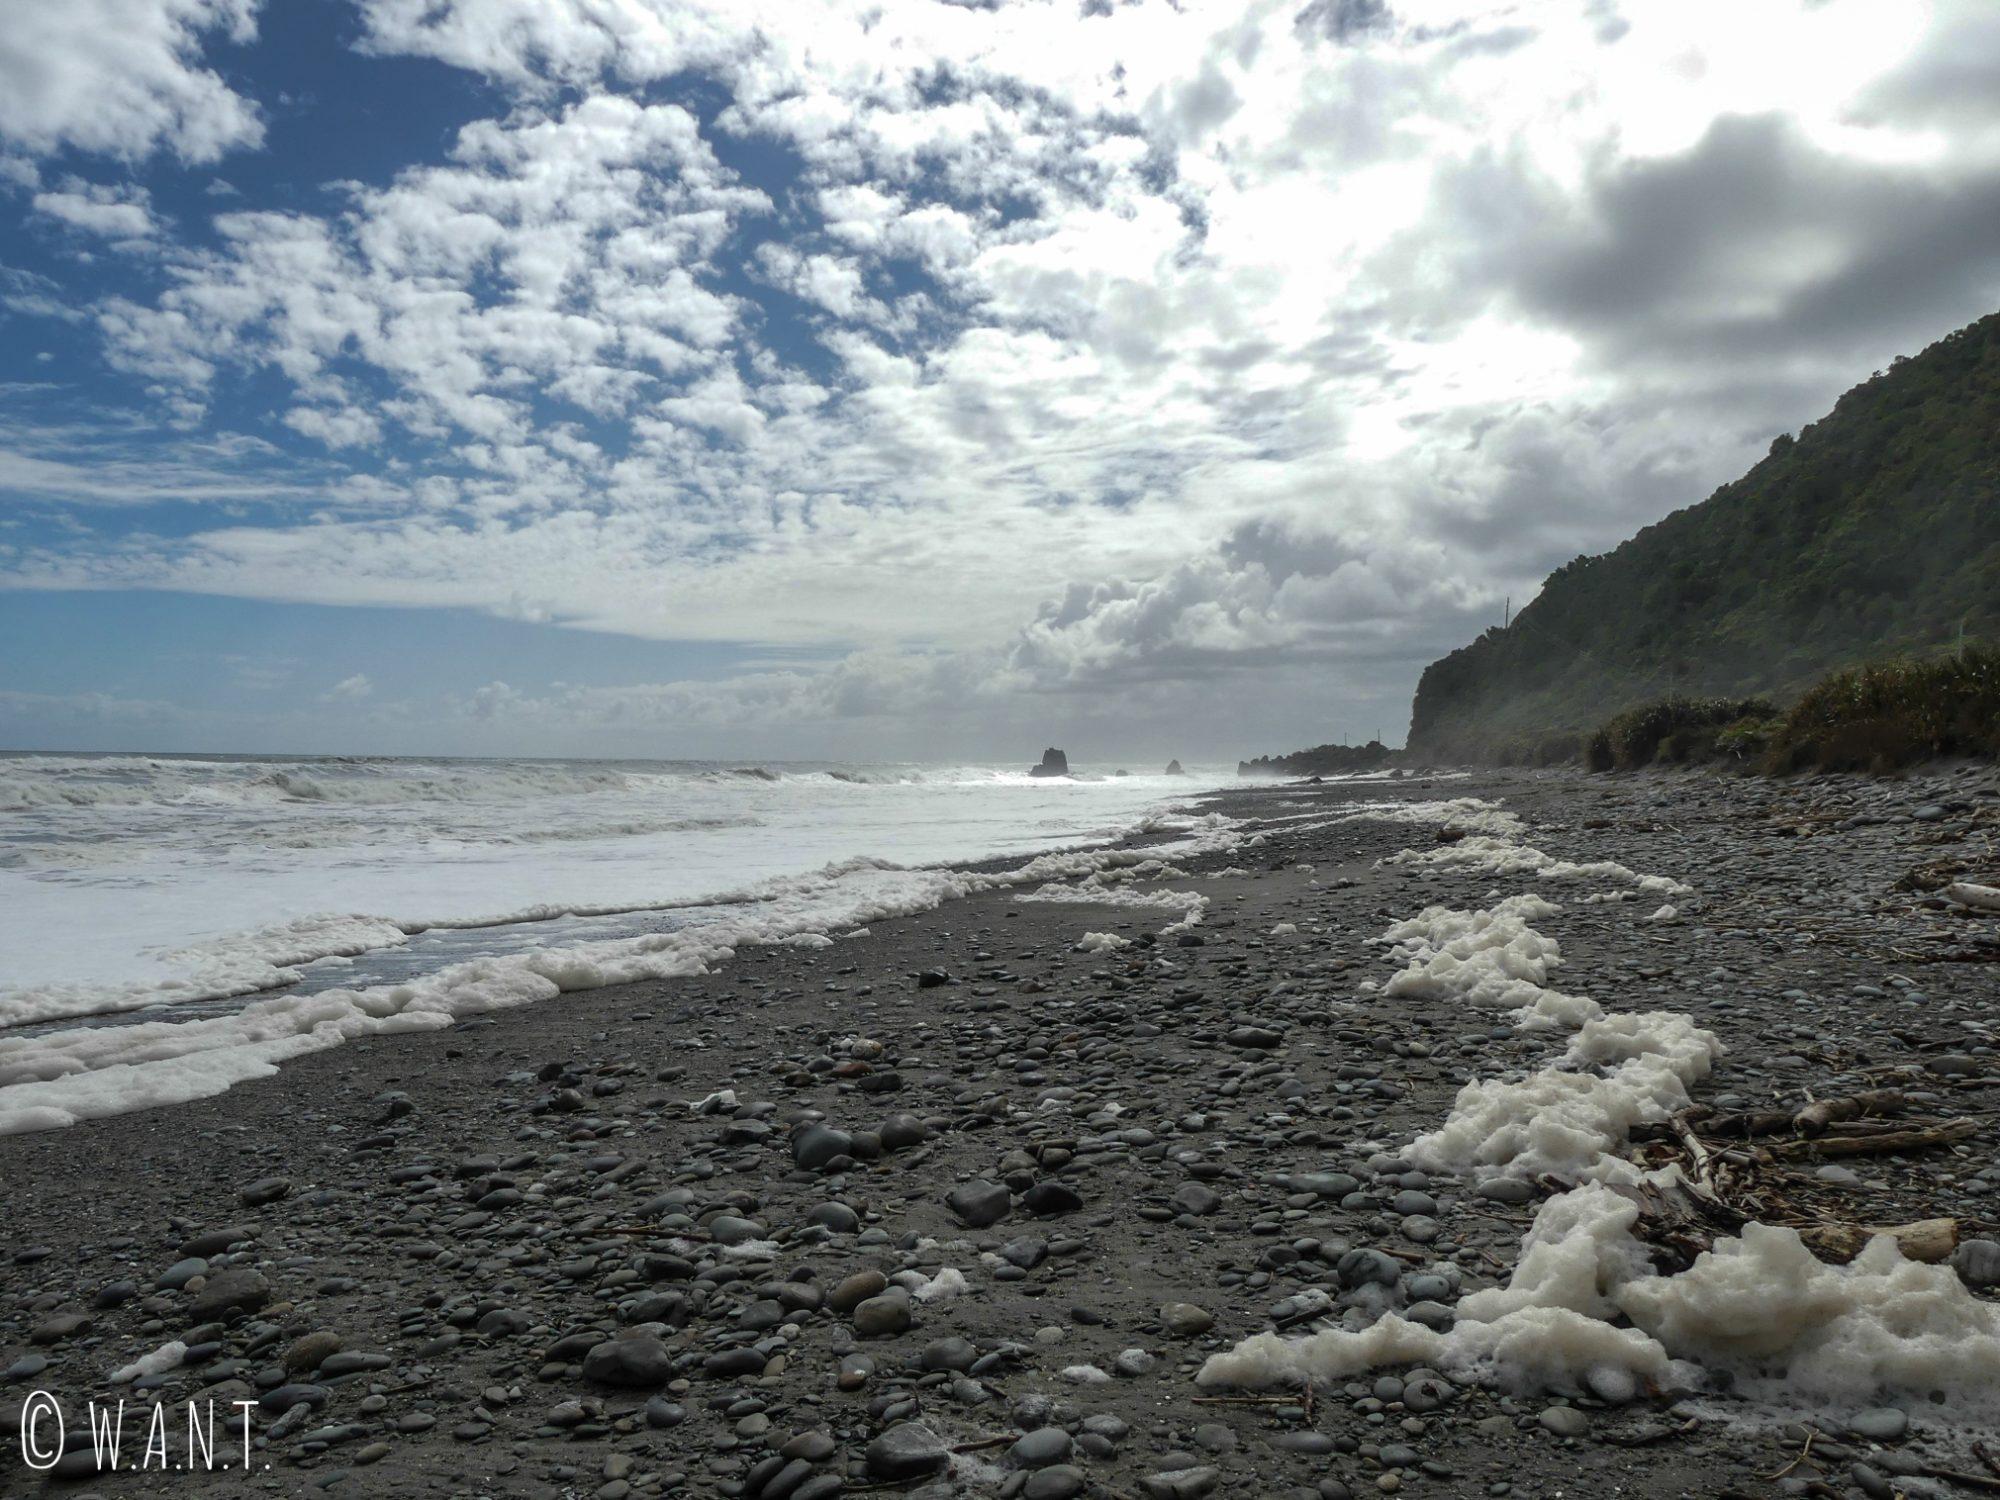 Écume le long de la plage à l'approche de Punakaiki en Nouvelle-Zélande